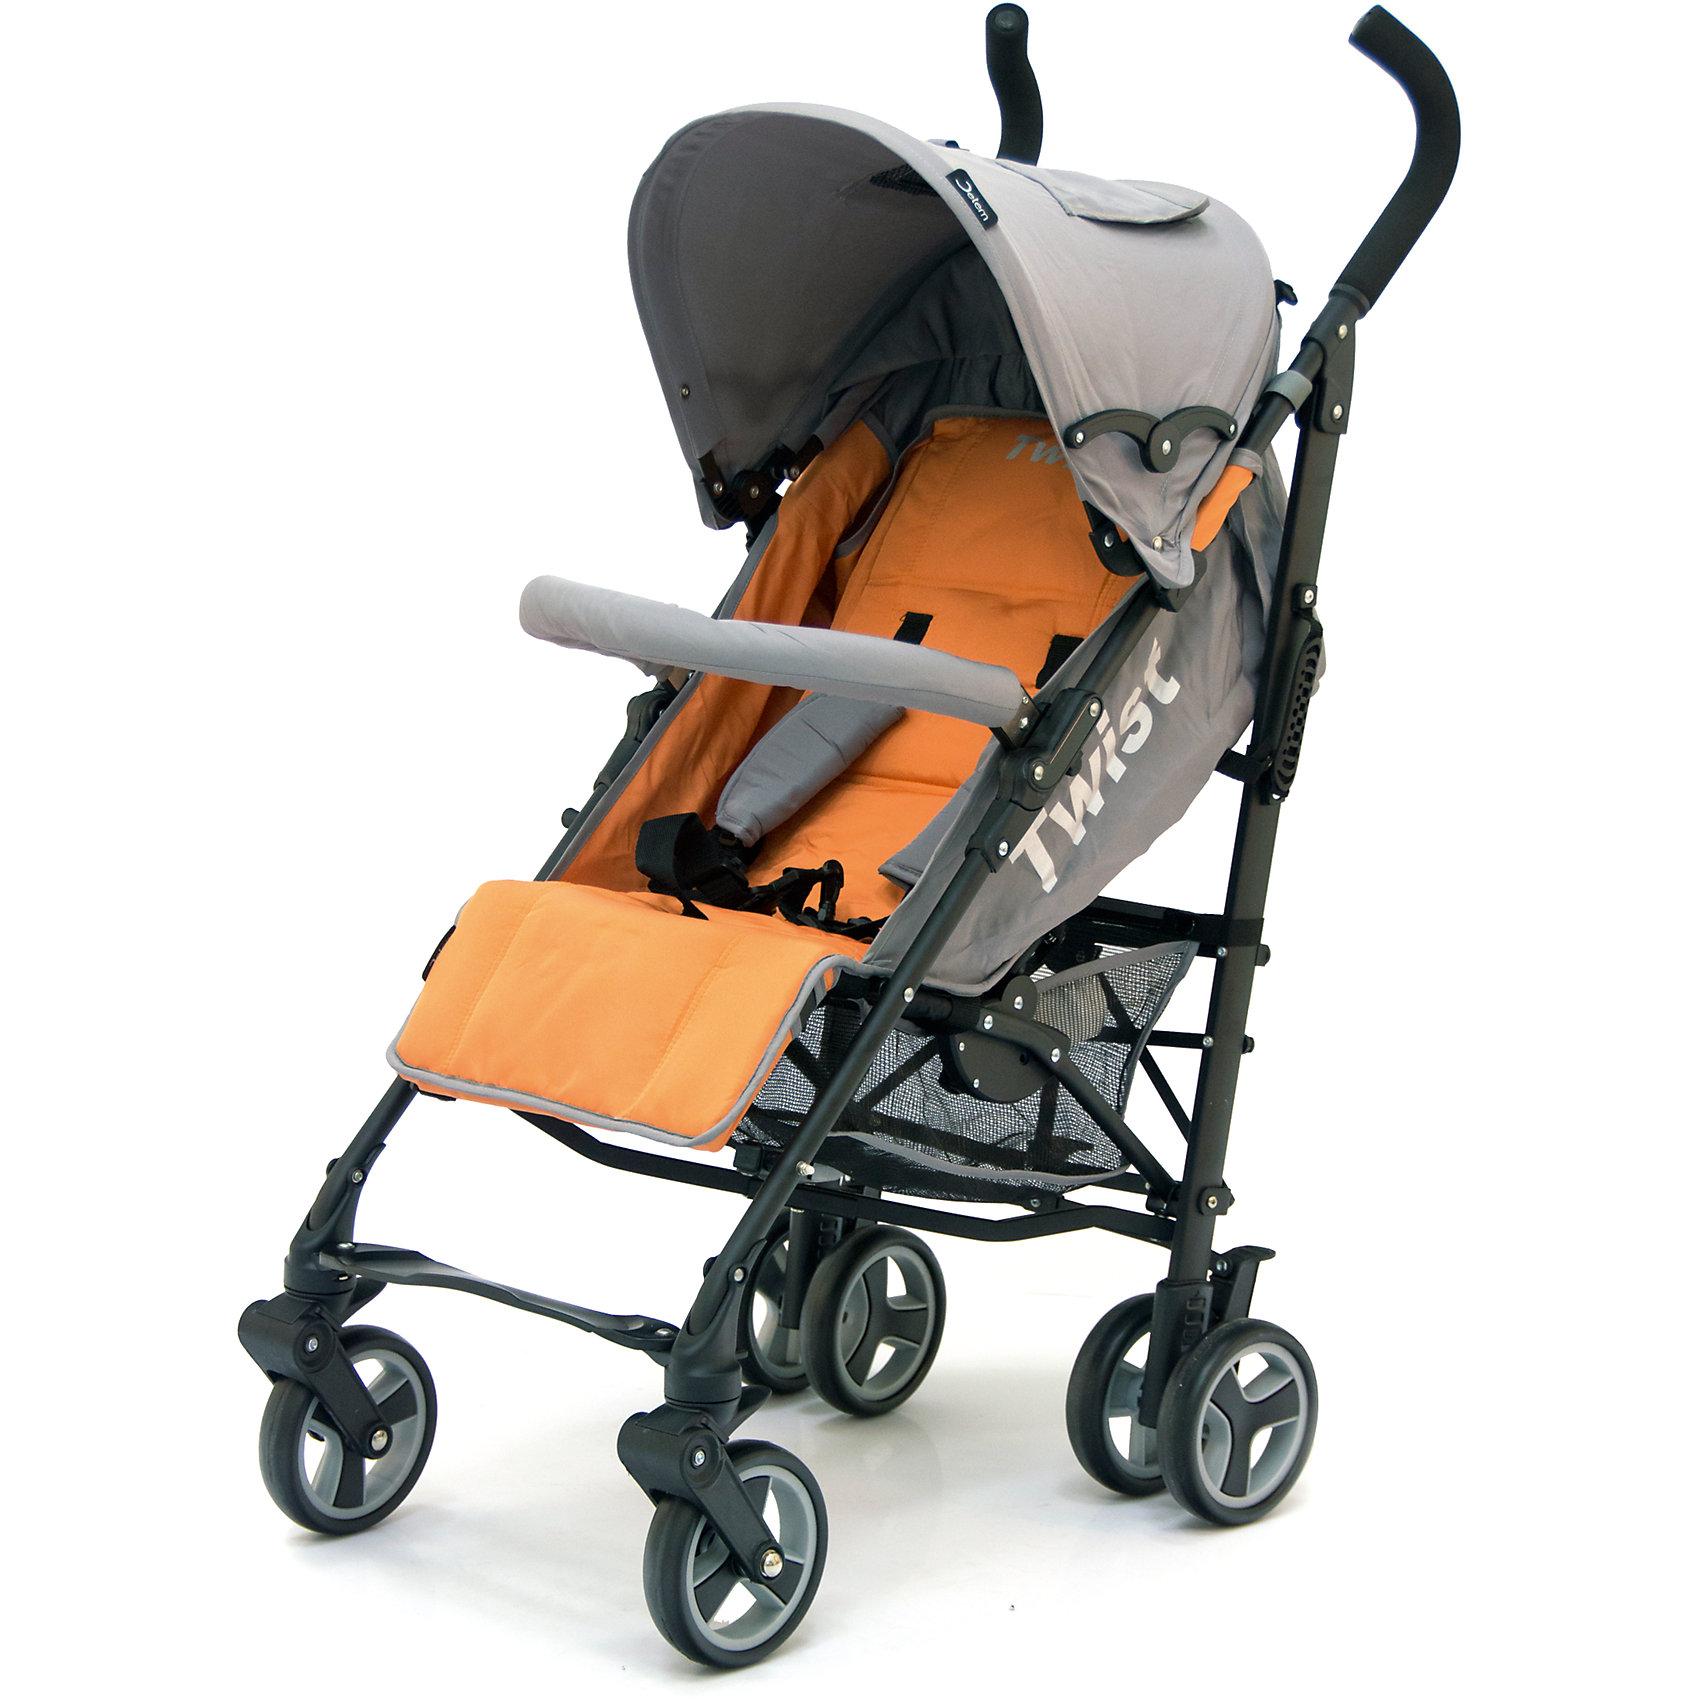 Коляска-трость Twist, Jetem, оранжевый/серыйСтильная и современная Коляска-трость Twist (Твист), Jetem (Жэтэм), оранжевый/серый представляет собой легкую, маневренную коляску для активных родителей и их детей. Данная модель имеет просторное посадочное место, благодаря чему ребенку будет в ней комфортно и свободно! Спинка и подножка регулируются в 3 положениях, а большой капюшон со смотровым окошком может опускаться почти до бампера, что позволит крохе поспать в любую погоду. Маневренность и плавность хода коляске придают поворотные передние колеса, которые при необходимости можно зафиксировать. <br><br>Характеристики: <br>-Сезонность: летняя<br>-Тип: прогулочная<br>-Цвет: оранжевый/серый<br>-Механизм складывания: трость <br>-Комфортное большое посадочное и спальное место<br>-Съемный бампер с мягкой обивкой<br>-Регулируемый наклон спинки (3 положения)<br>-Встроенные ремни безопасности<br>-Регулируемая подножка (3 положения)<br>-Передние колеса поворотные с возможностью фиксации<br>-Задние колеса сдвоенные<br>-Ножной тормоз на задней оси<br>-Большой опускающийся до бампера капюшон со смотровым окошком<br>-Встроенные 5-титочечные ремни безопасности с мягкими плечевыми накладками<br>-Облегченная рама из алюминиевого профиля<br><br>Комплектация: чехол на ножки, дождевик, корзина для покупок<br><br>Дополнительная информация:<br>-Диаметр колес: 12 см <br>-Материалы: плотная резина, текстиль, алюминий<br>-Вес: 9 кг <br>-Размеры: 50х40х90 см <br>-Размер спального места: 29х20х40 см<br>-Ширина шасси: 50 см<br><br>Коляска-трость Twist (Твист), Jetem (Жэтэм), оранжевый/серый – это современная, стильная модель, которая сочетает в себе качество, комфорт и безопасность!<br><br>Коляска-трость Twist (Твист), Jetem (Жэтэм), оранжевый/серый можно купить в нашем магазине.<br><br>Ширина мм: 980<br>Глубина мм: 250<br>Высота мм: 230<br>Вес г: 10000<br>Возраст от месяцев: 6<br>Возраст до месяцев: 36<br>Пол: Унисекс<br>Возраст: Детский<br>SKU: 4125361